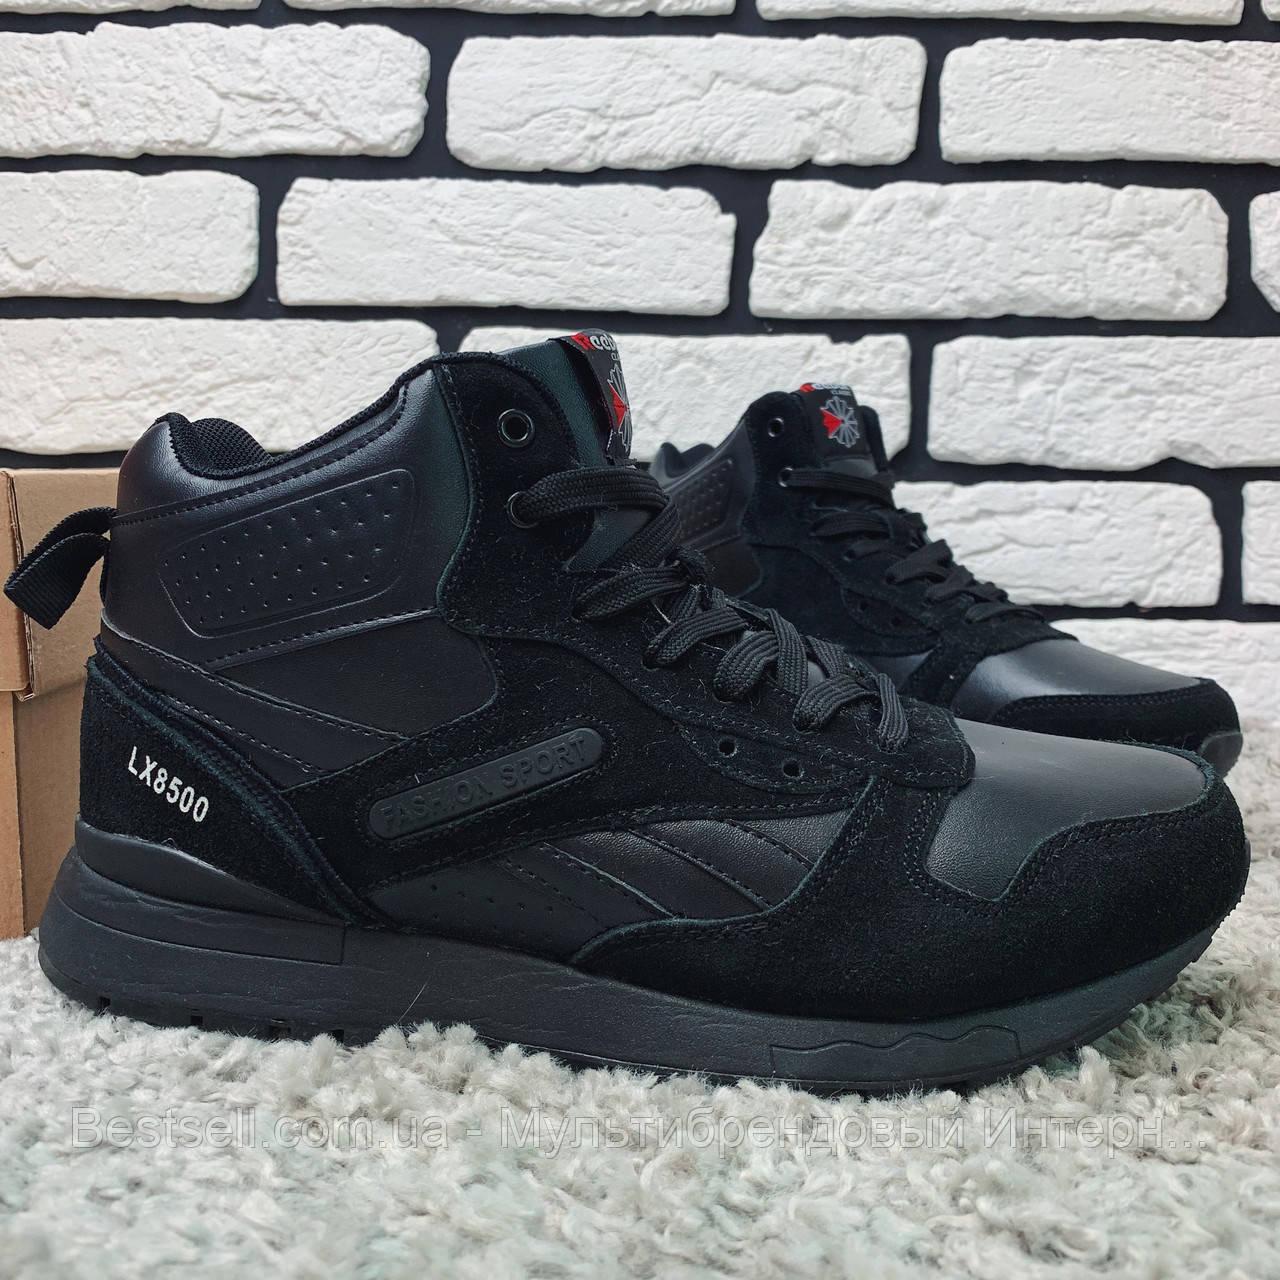 Зимові черевики (на хутрі) Reebok Classic LX8500 2-205 ⏩ [46 останній розмір ]